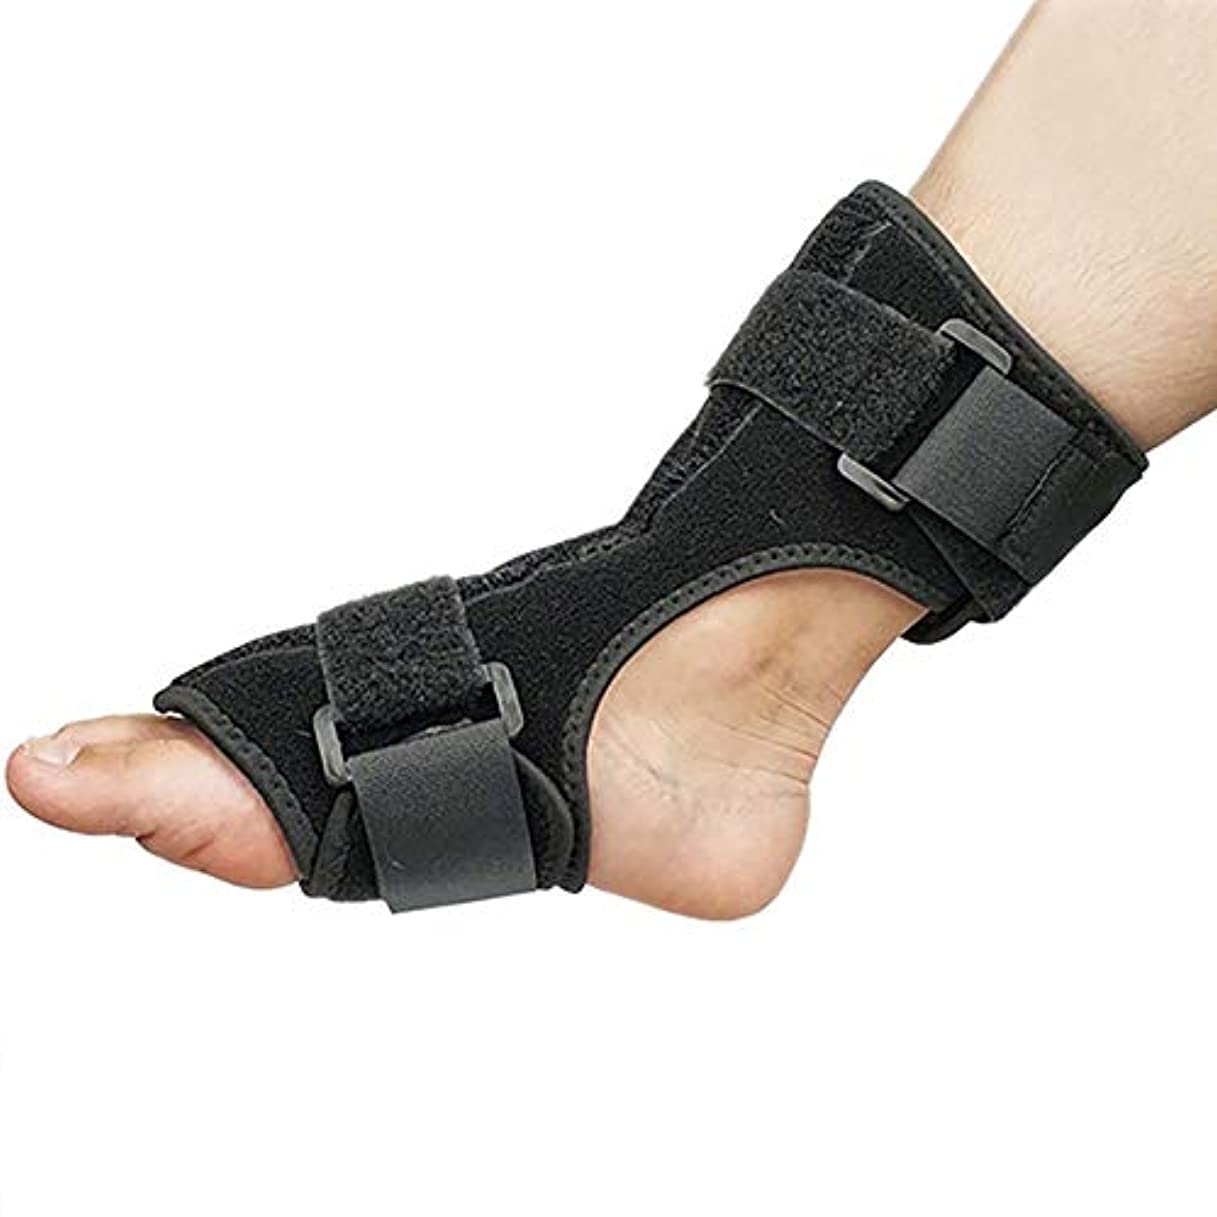 頬紳士気取りの、きざな物質足首のサポート 足用補助装具 アキレス腱 素足の保護 たるみの修正 固定の強化 創傷の足の支持 1枚 左右兼用